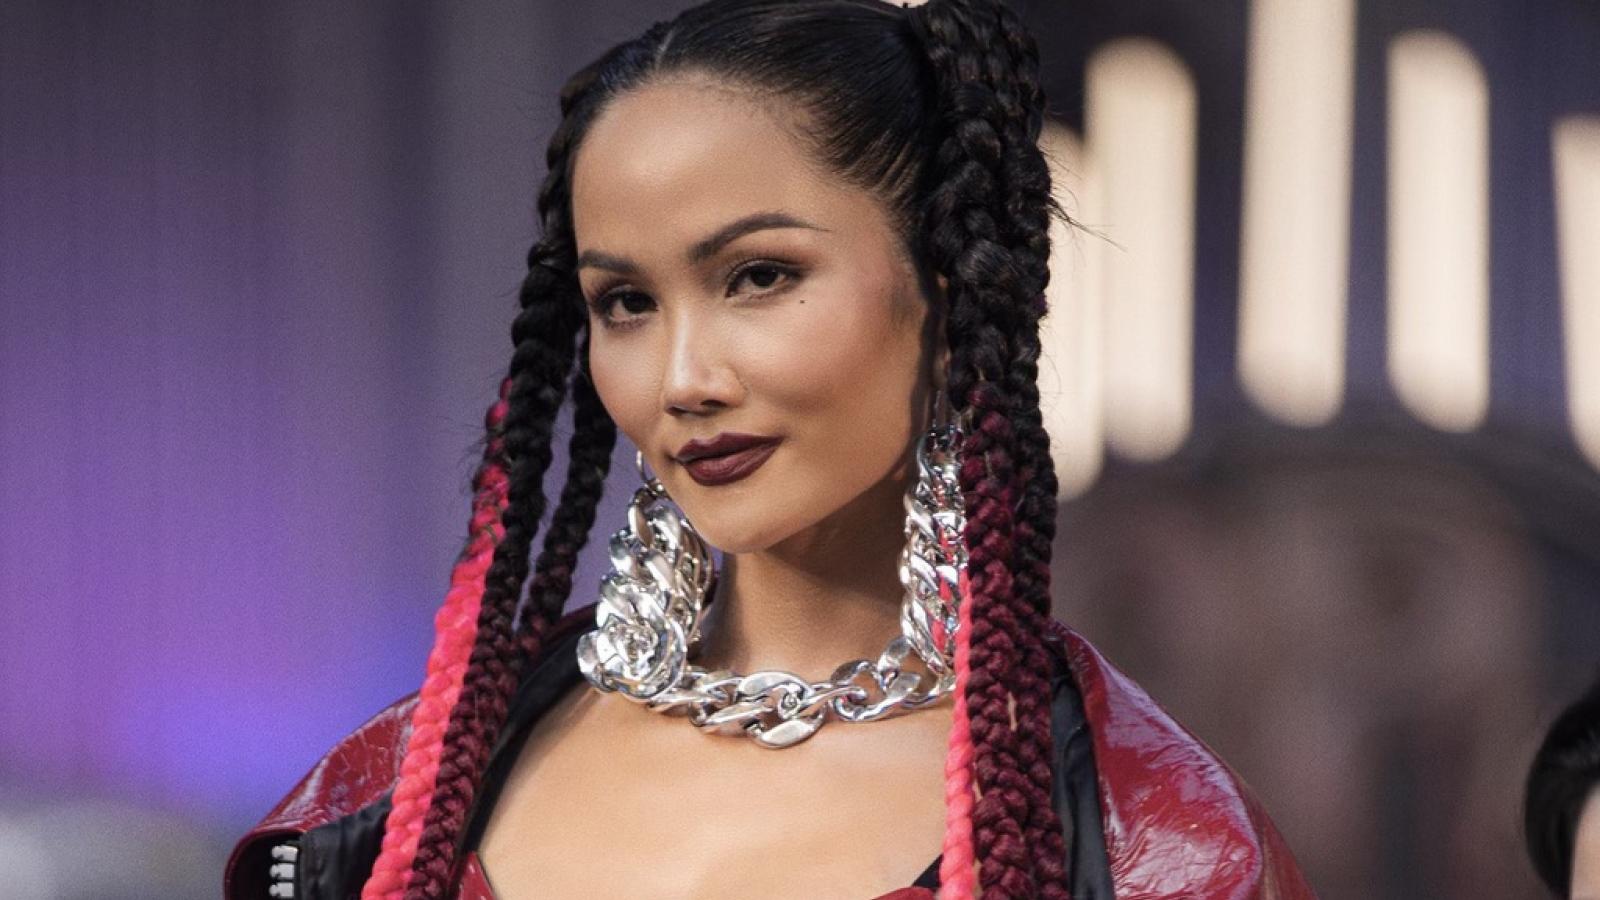 Chuyện showbiz: Hoa hậu H' Hen Niê lộ da sần và nếp nhăn khi để mặt mộc